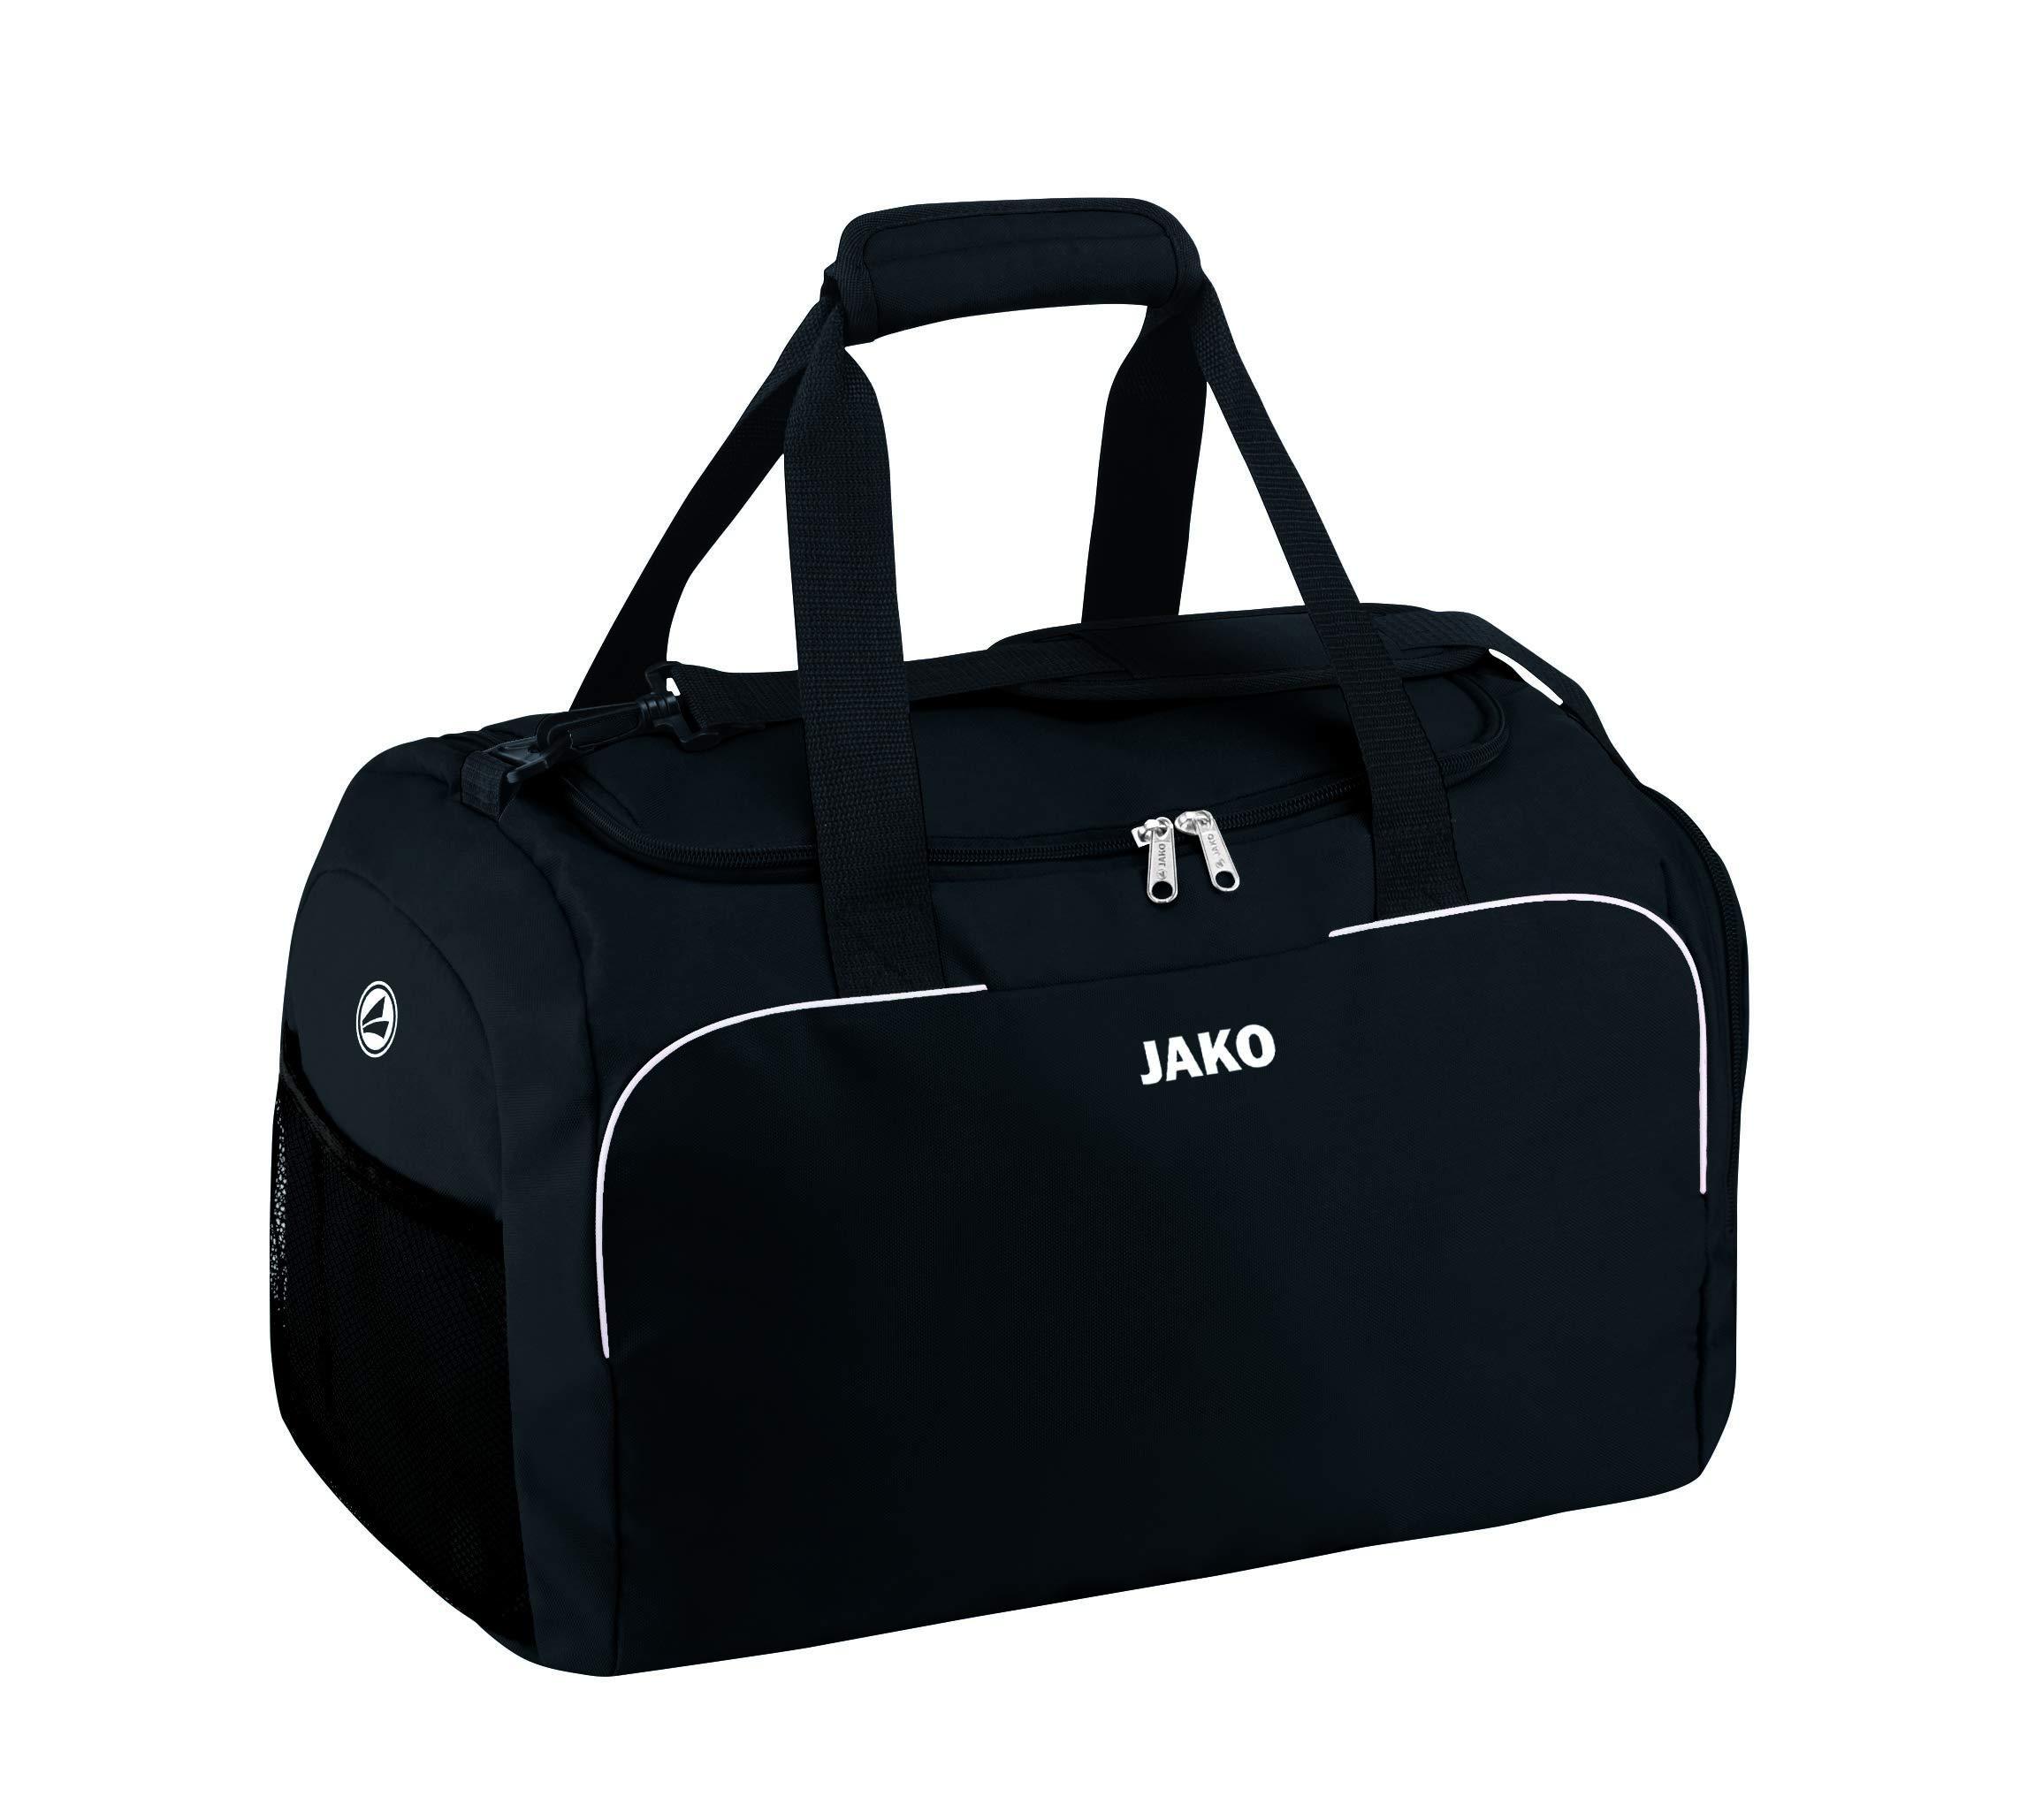 JAKO Sporttasche Classico, Senior 55 x 35 x 32 cm (LxBxH), schwarz